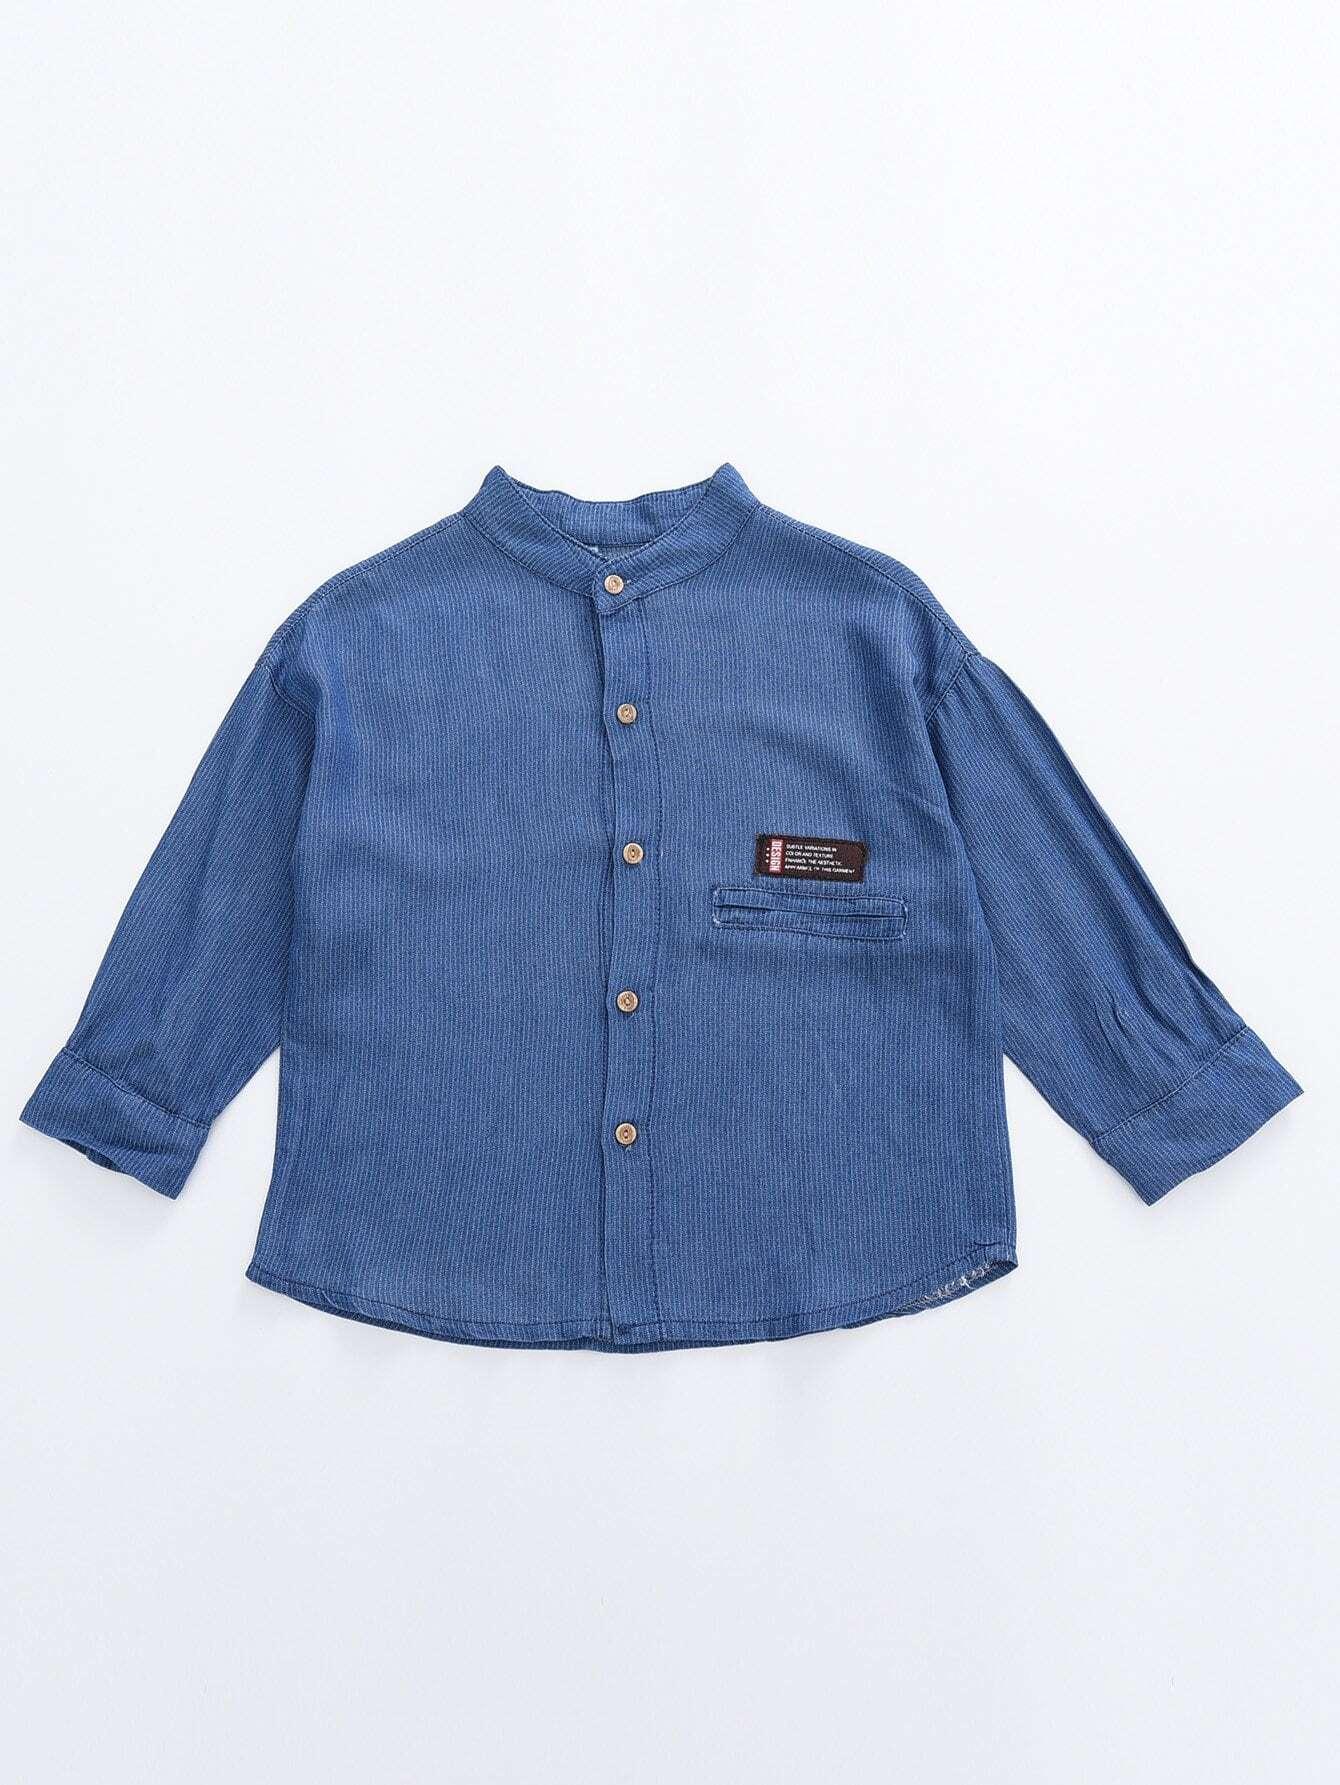 Мальчики Заделался Деталь Сплошной Рубашка